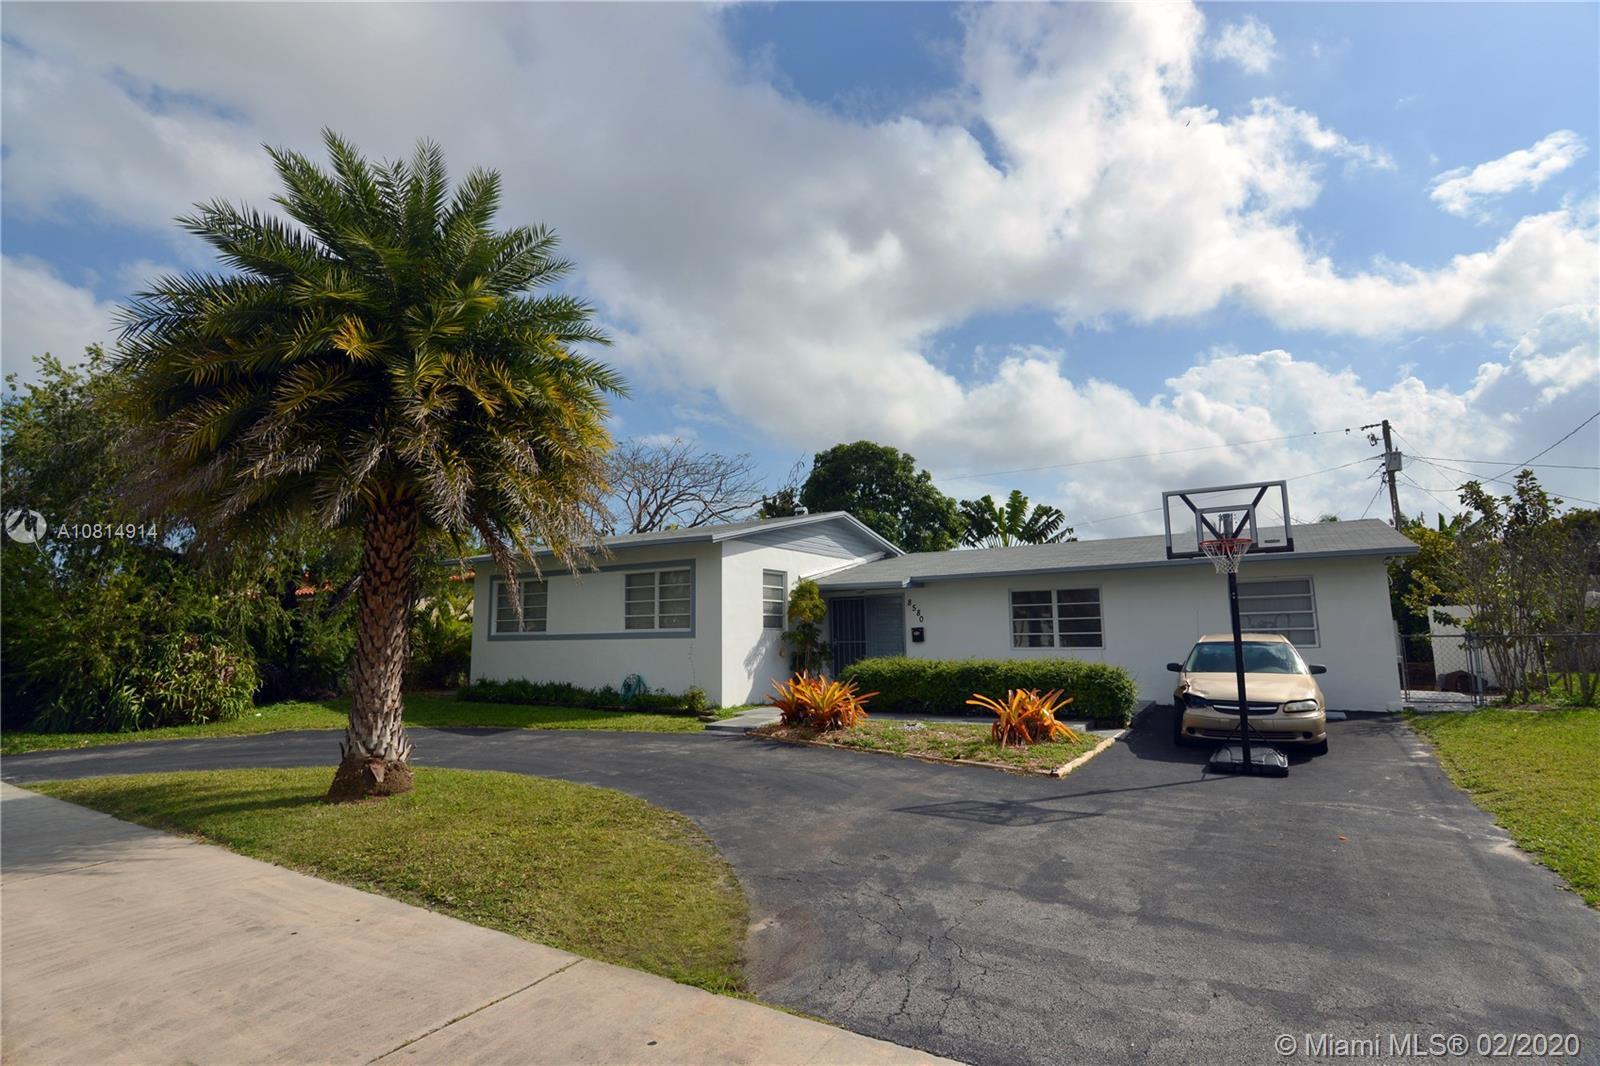 8580 SW 27th Ter, Miami, FL 33155 - Miami, FL real estate listing